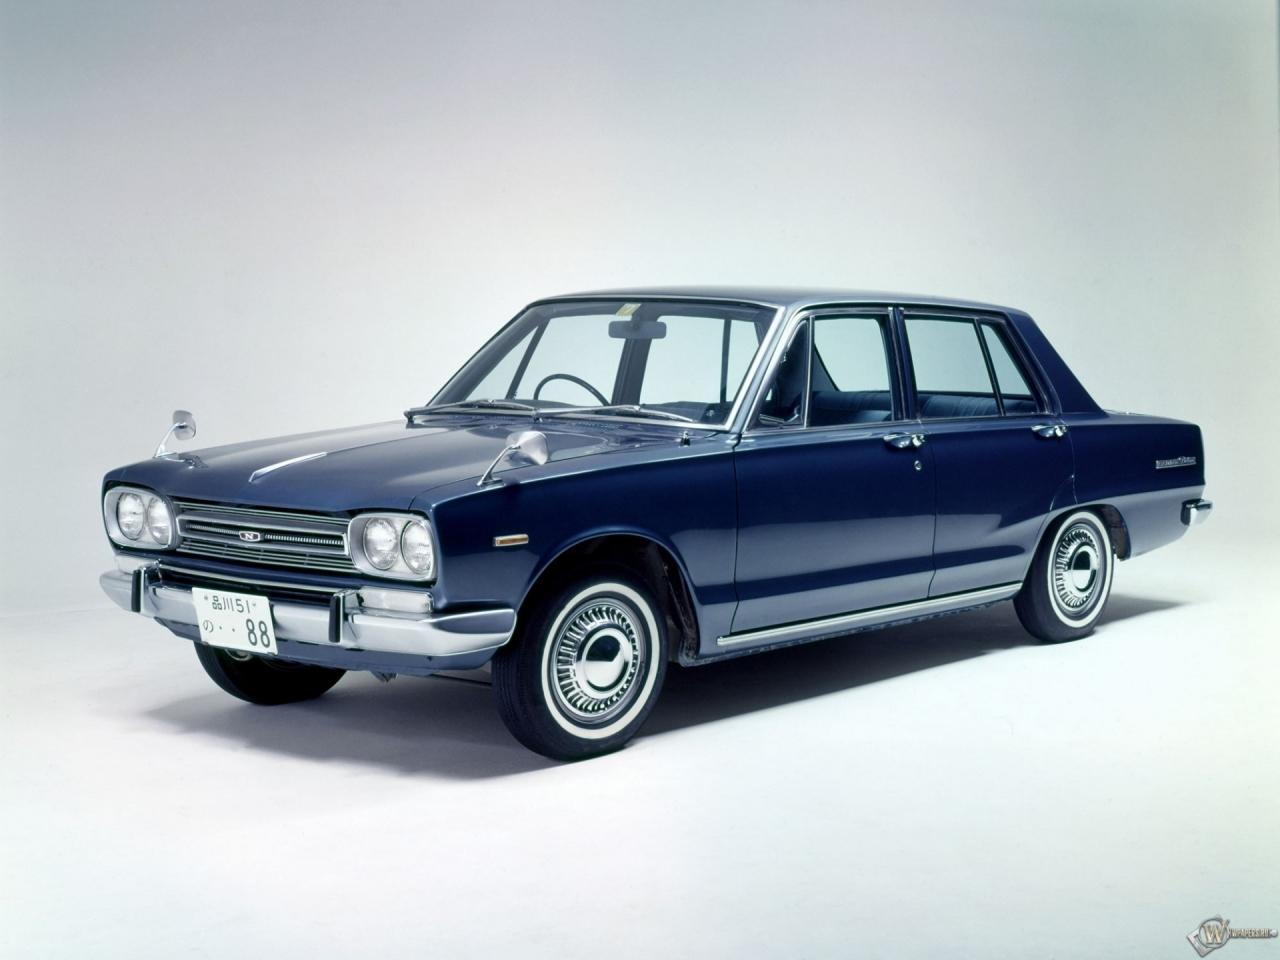 Nissan Skyline 1988 1280x960